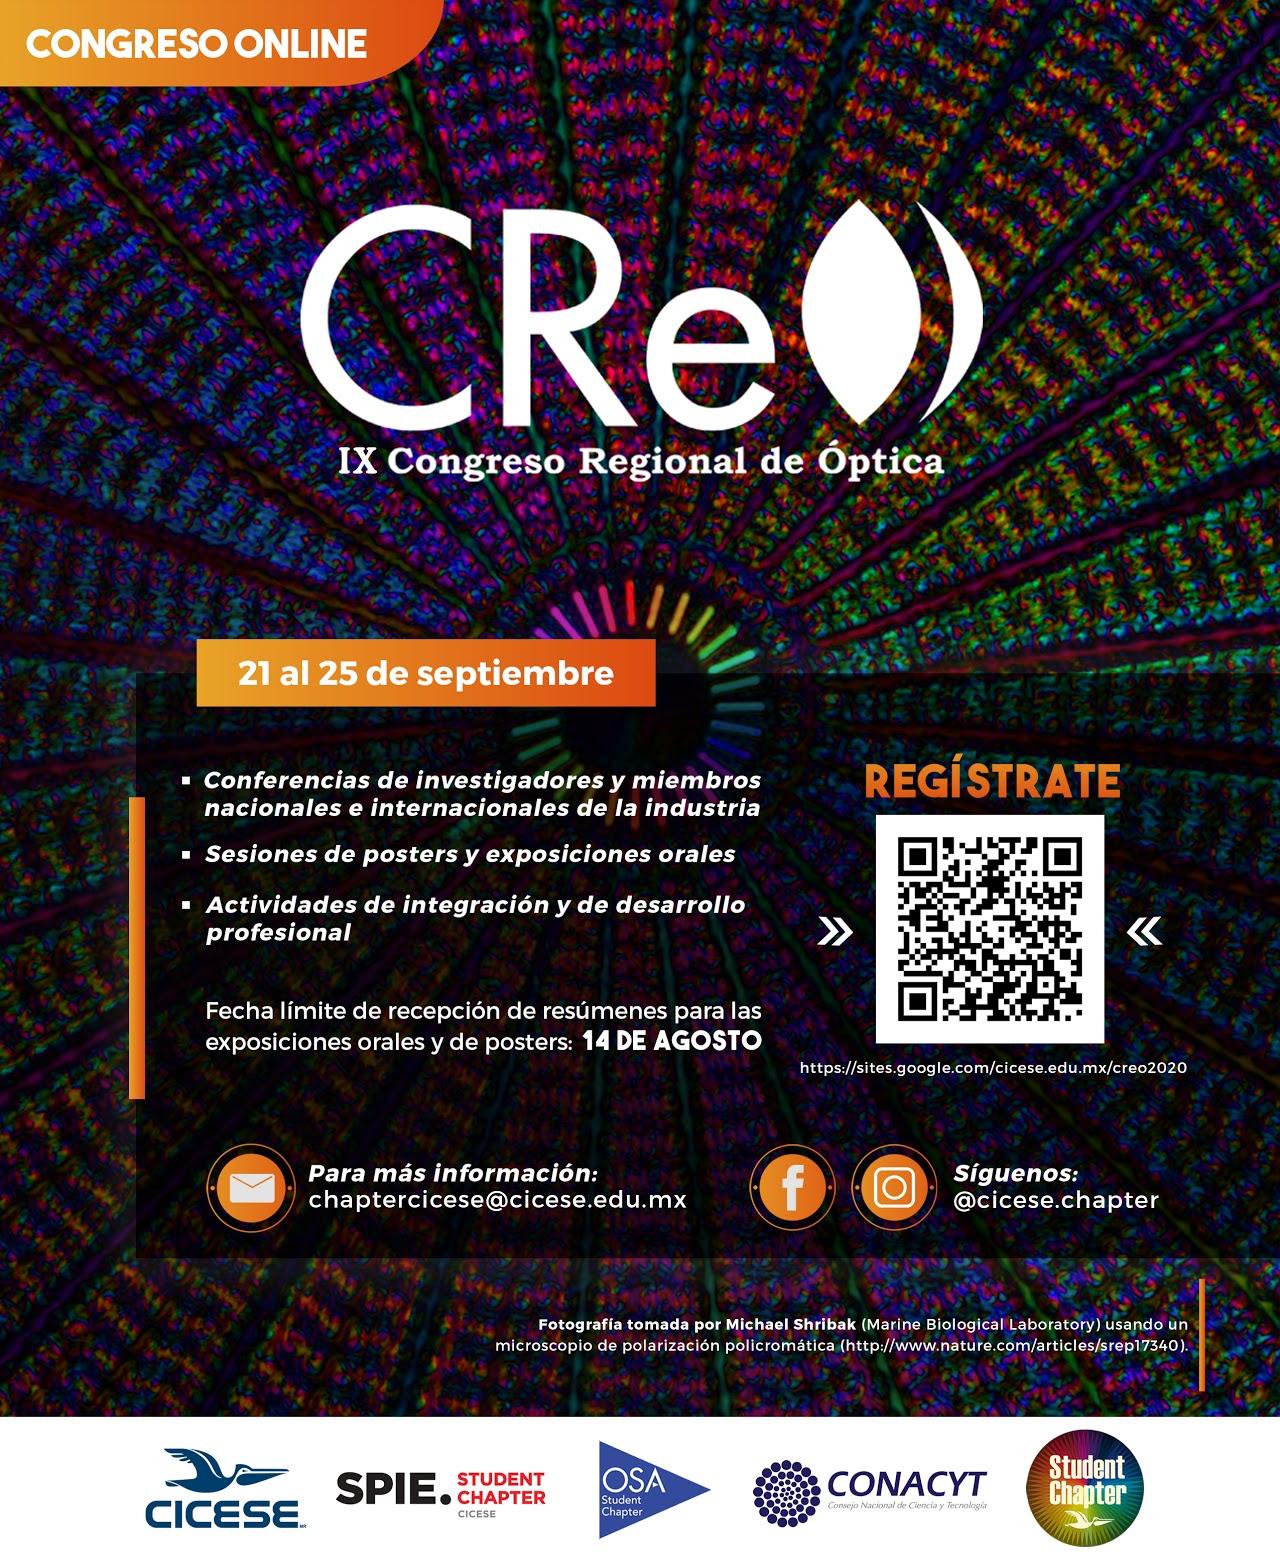 IX Congreso Regional de Óptica